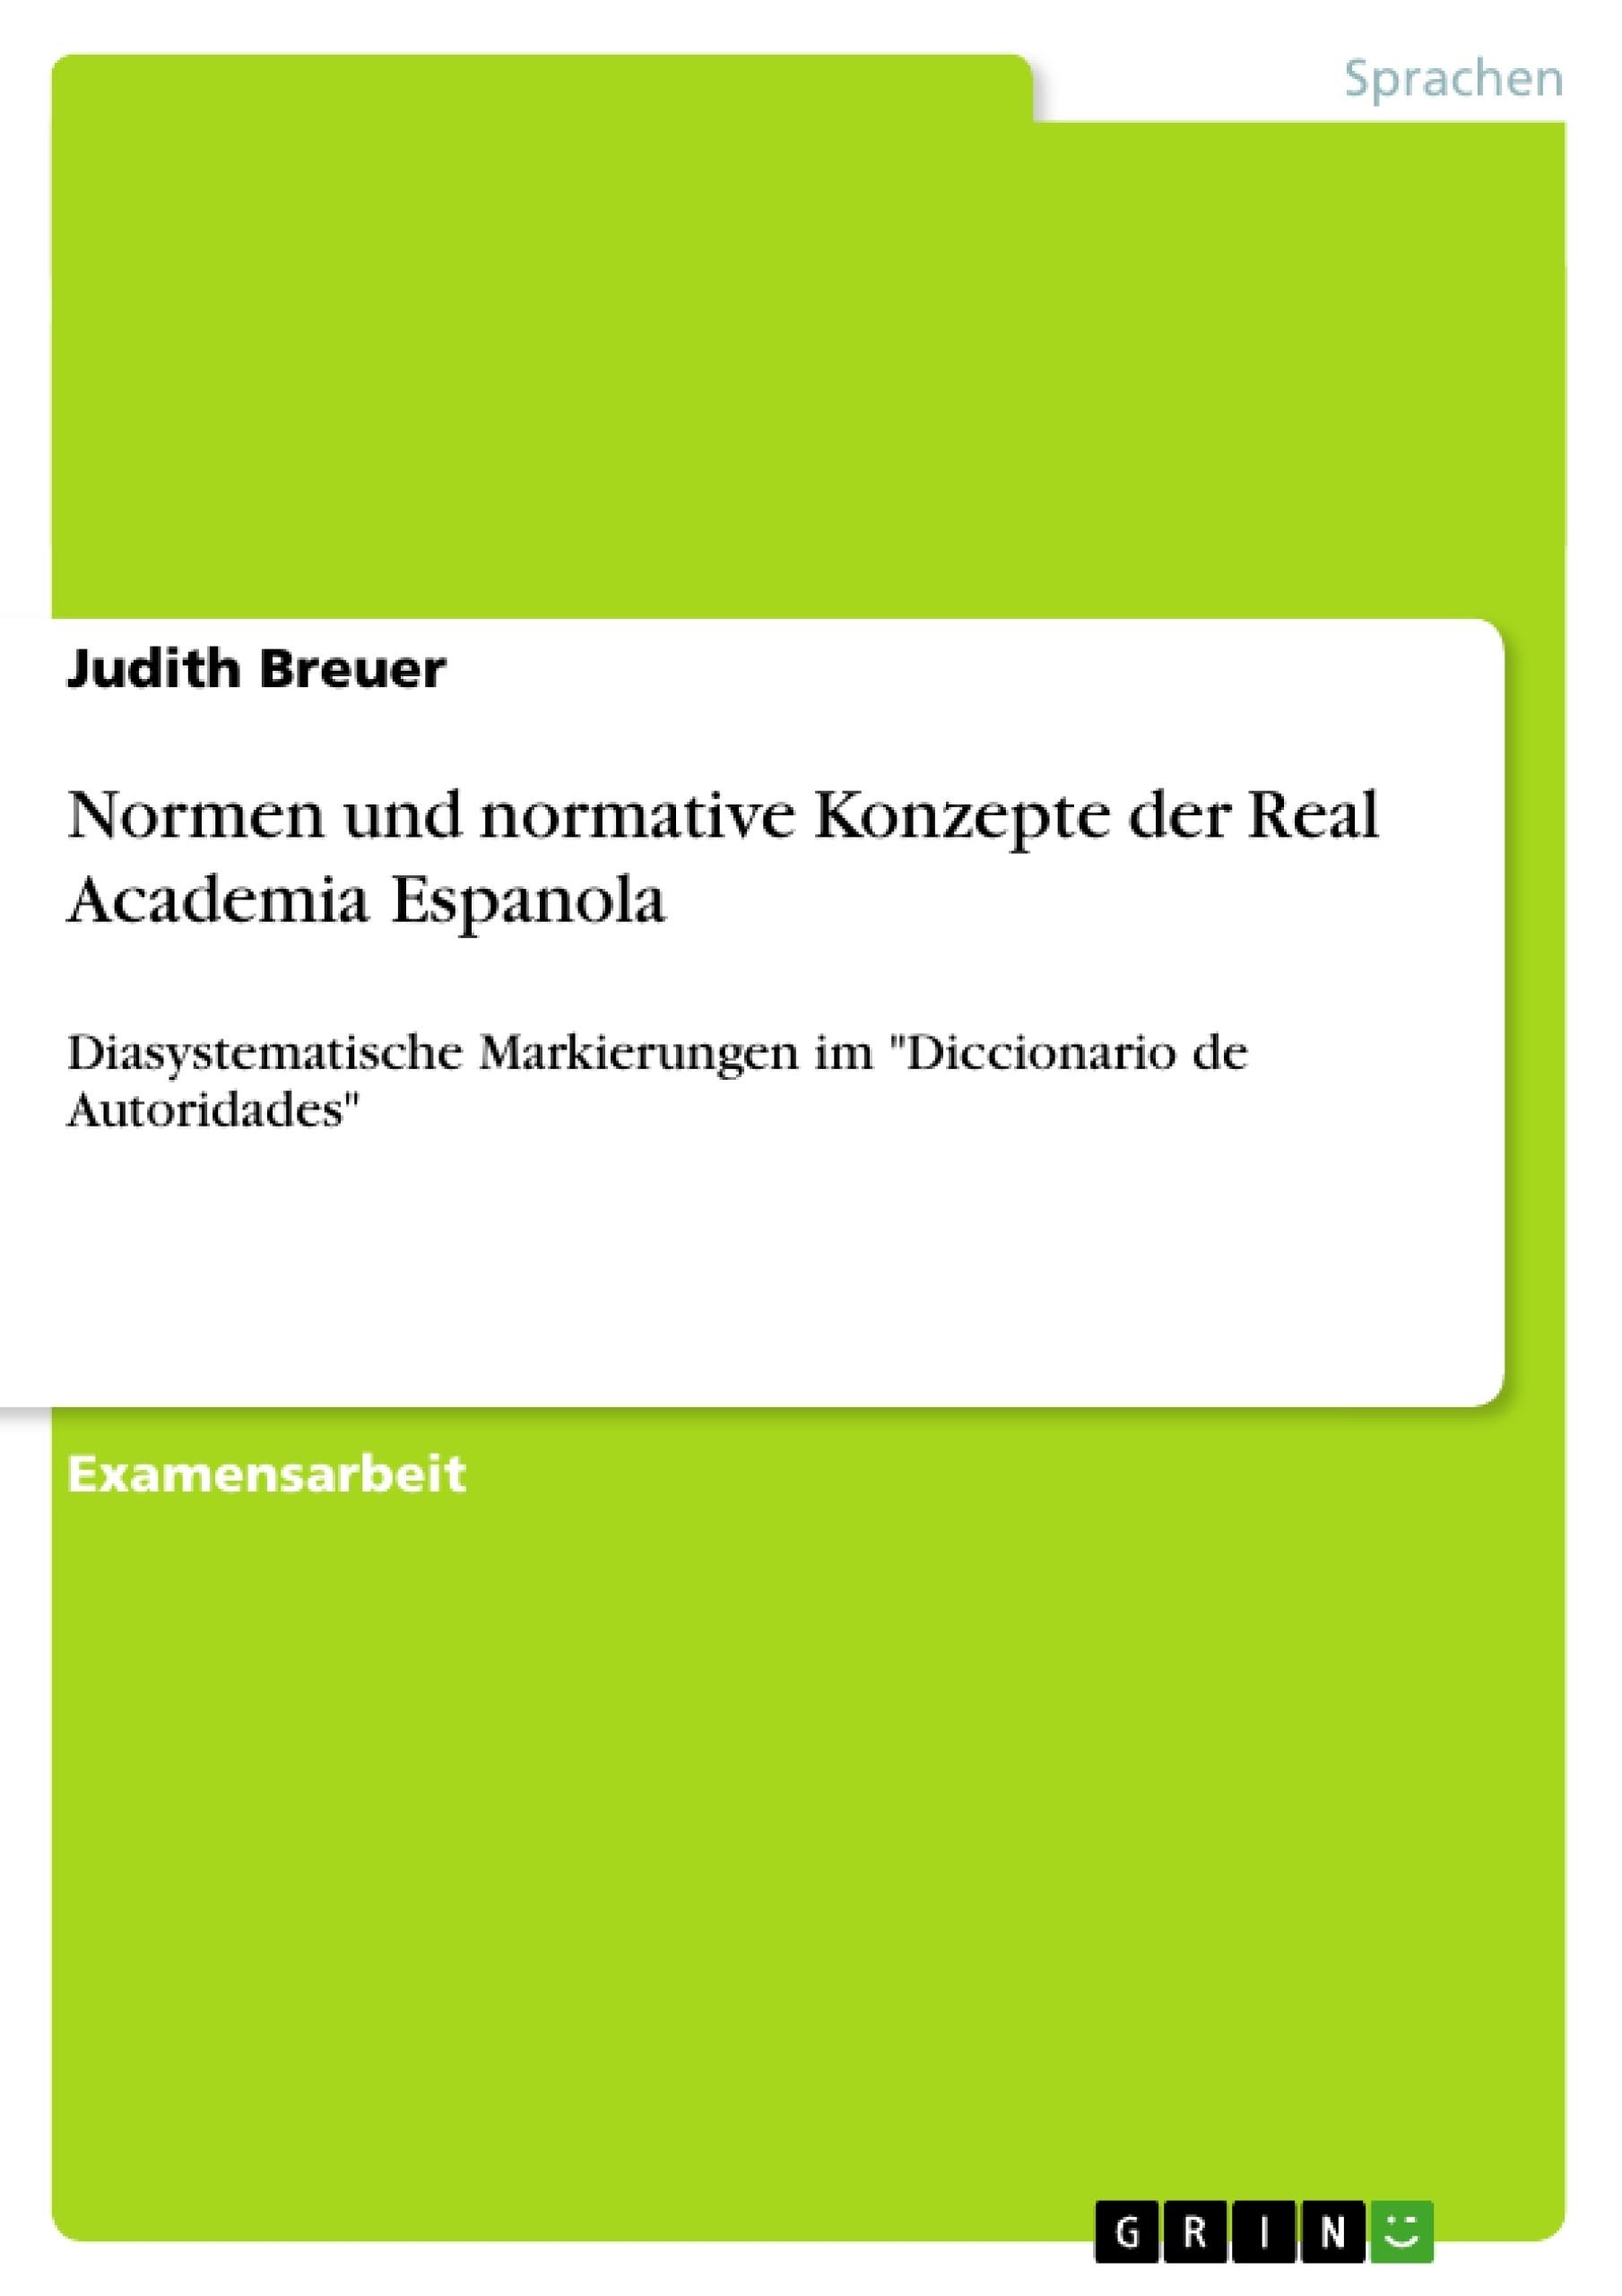 Titel: Normen und normative Konzepte der Real Academia Espanola